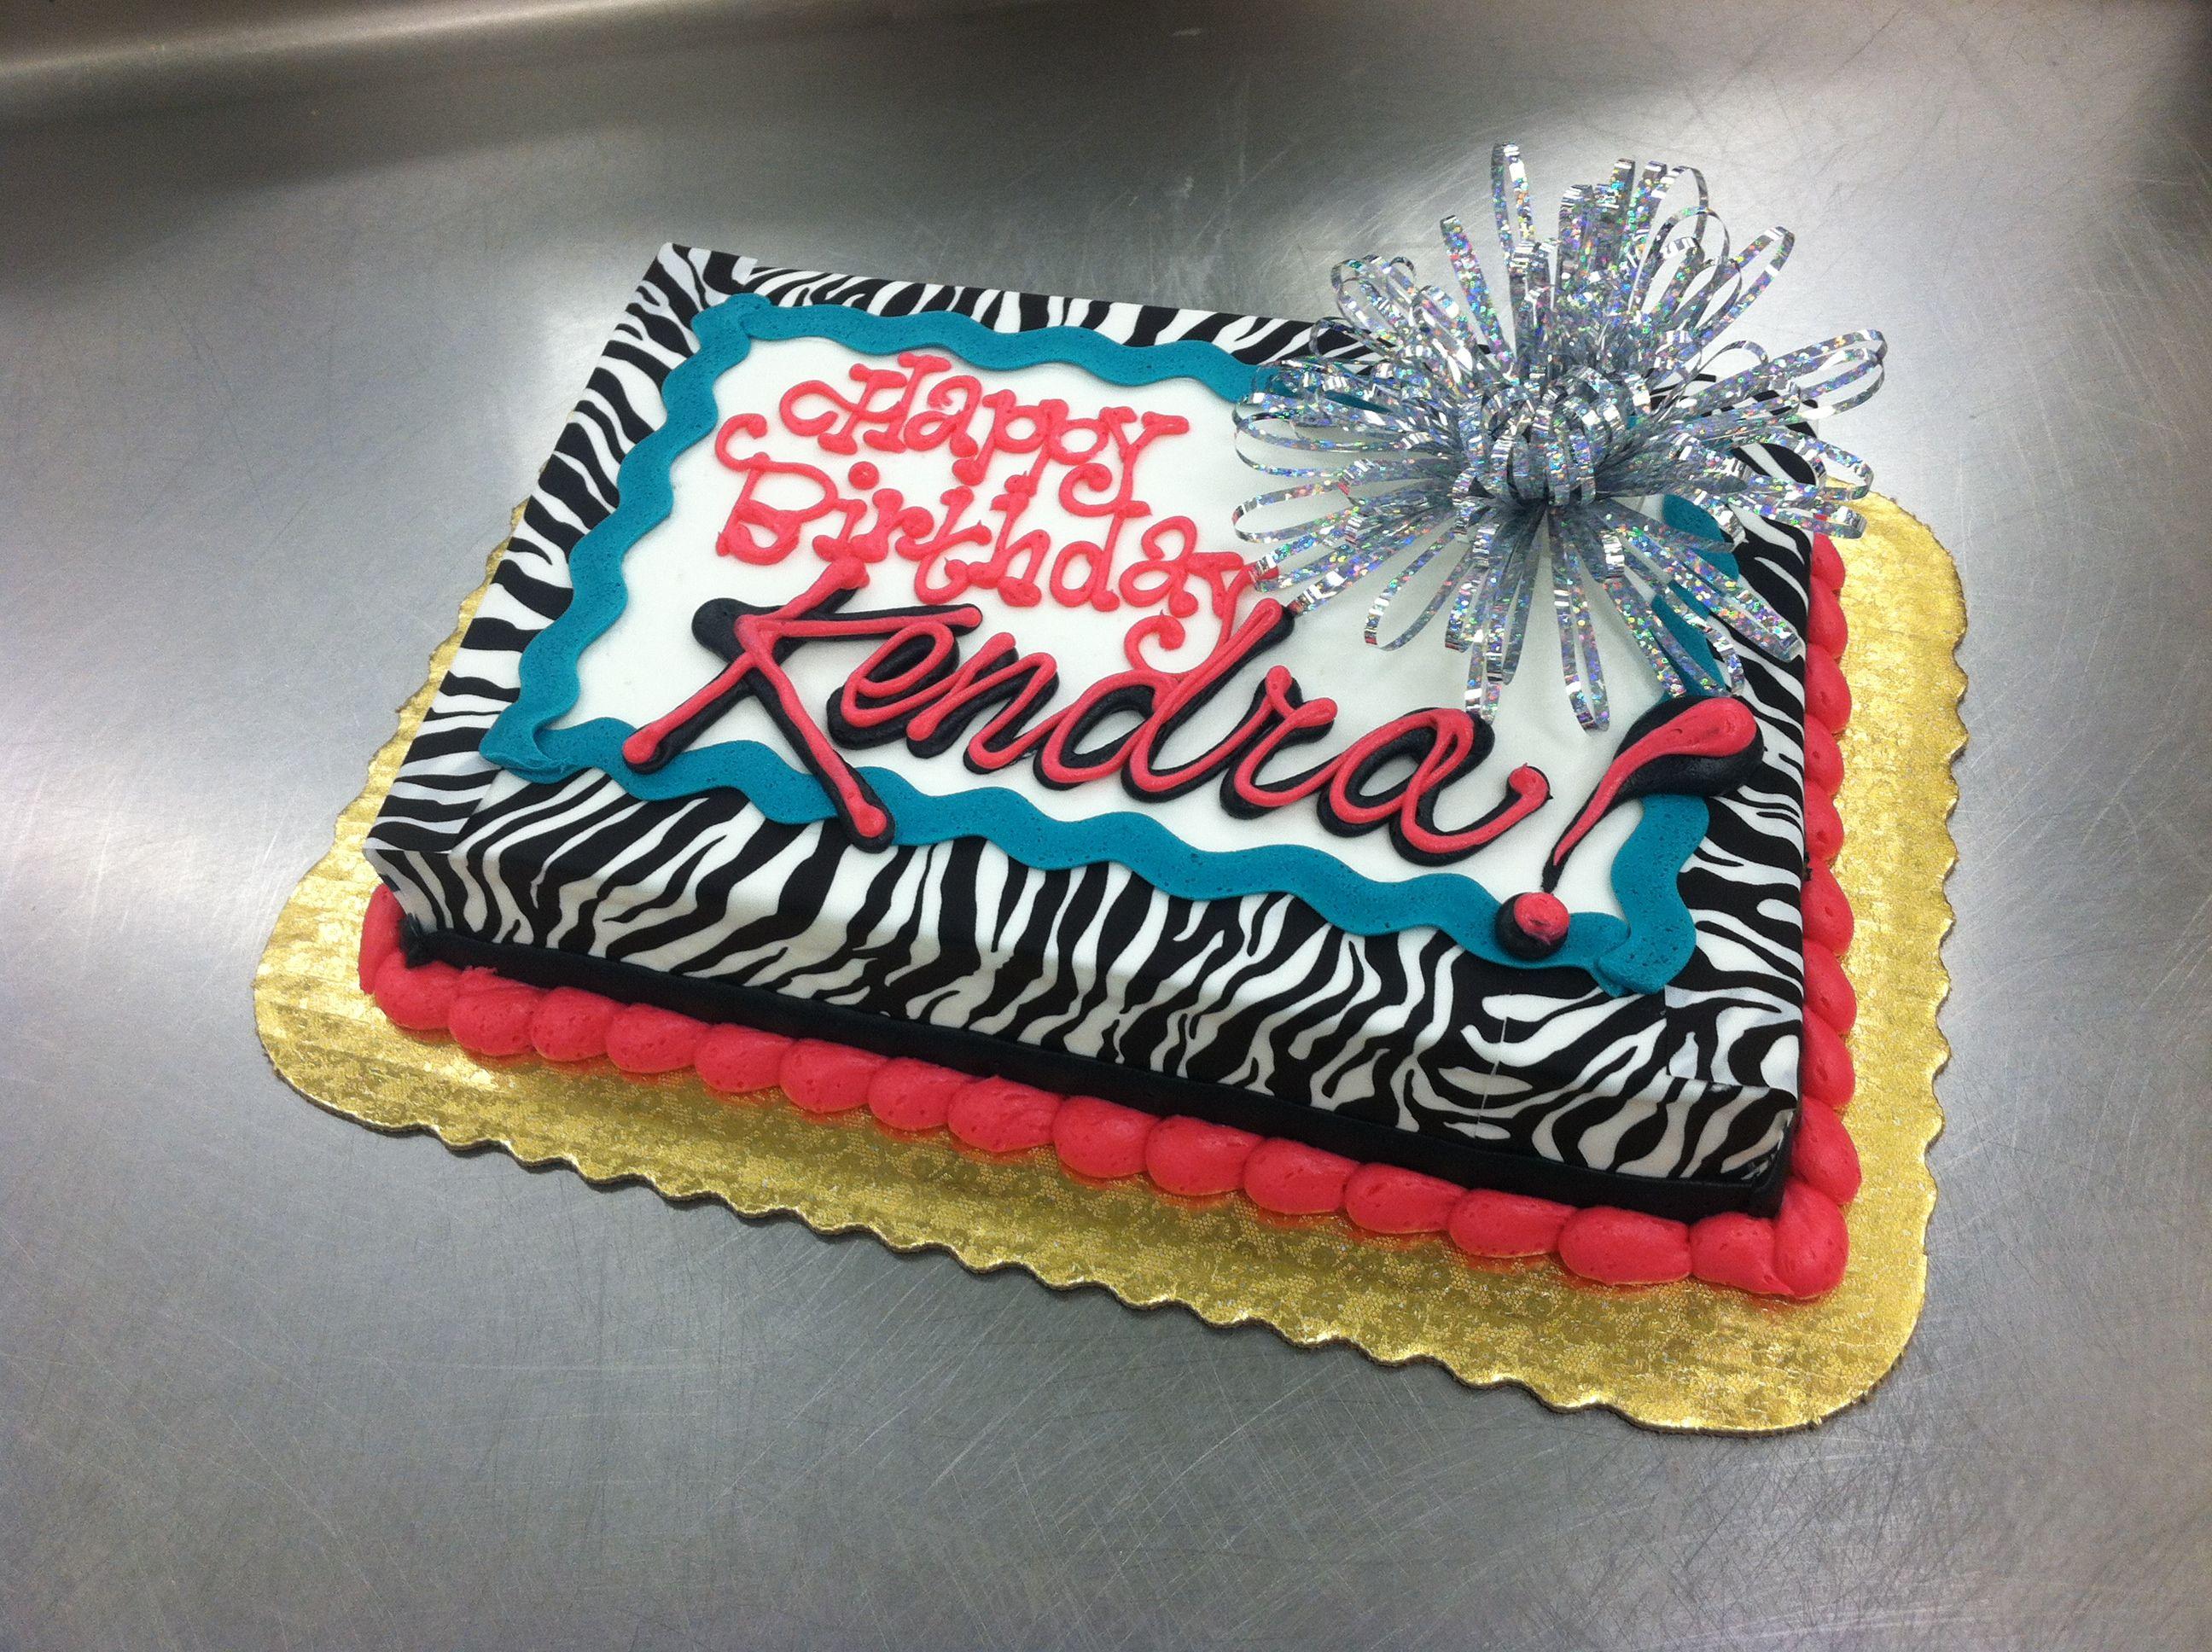 Great Tween Cake With Zebra Print By Stephanie Dillon